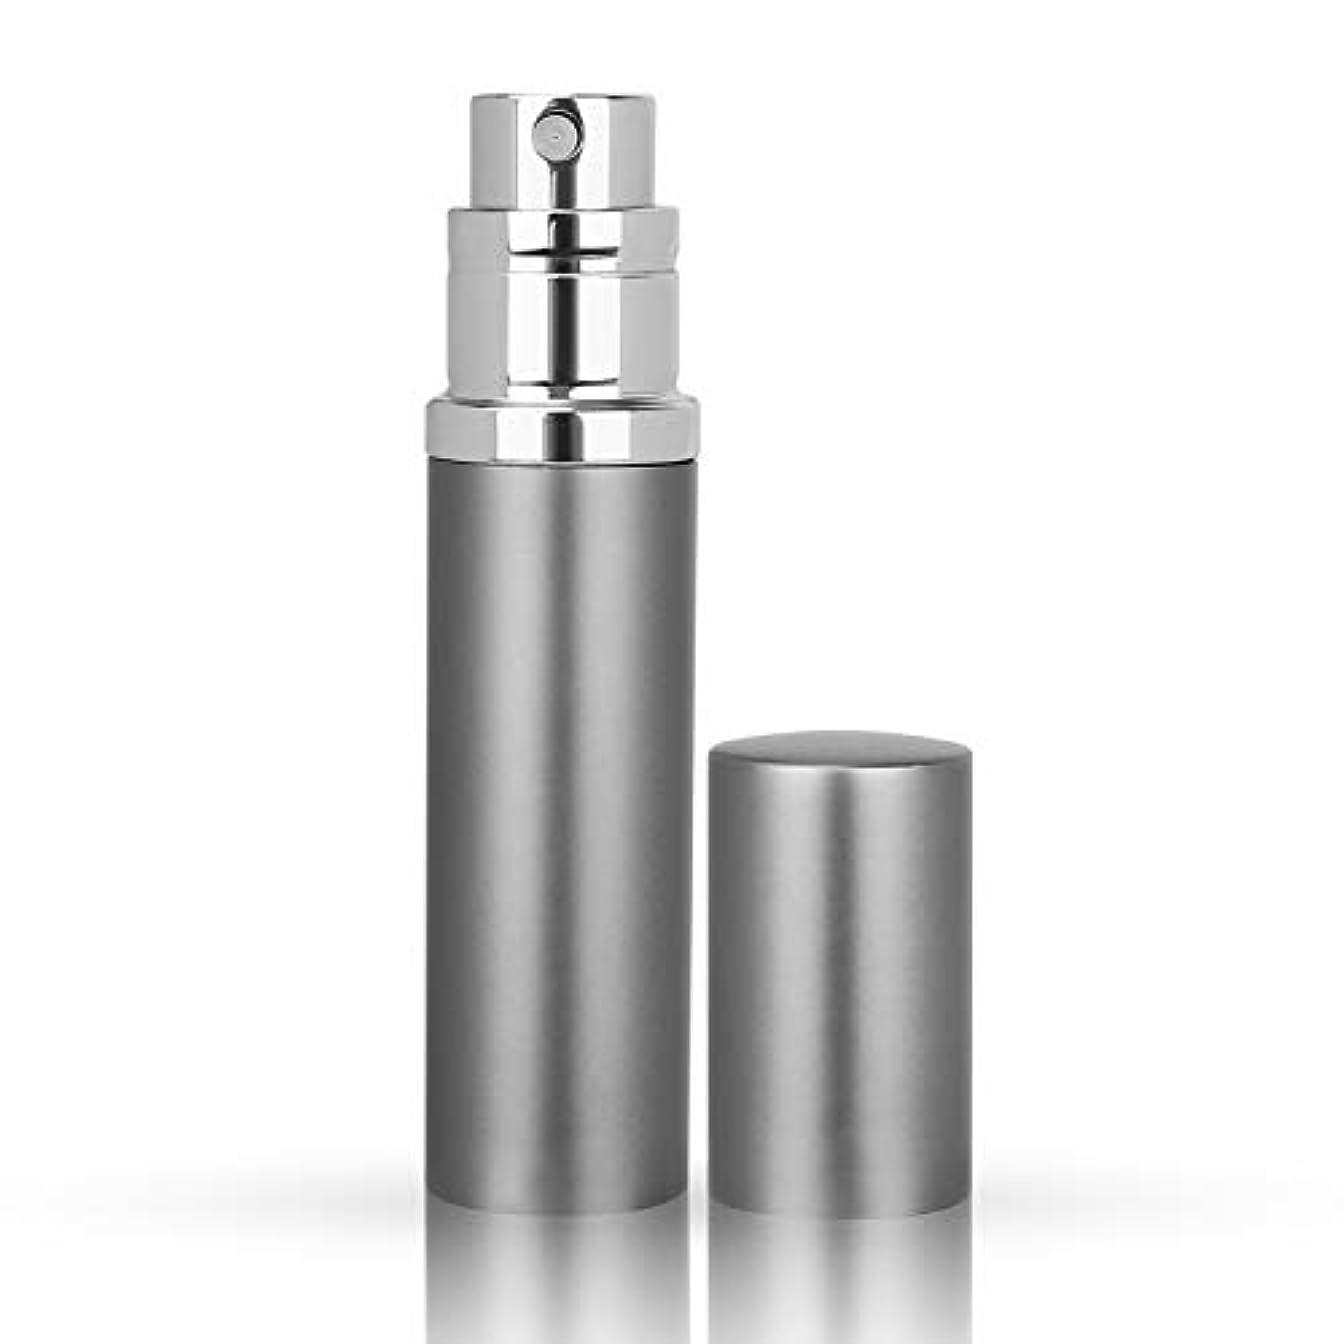 MOOMU アトマイザー 香水スプレー 噴霧器 詰め替え容器 底部充填方式 携帯用5ml (シルバー Silver)